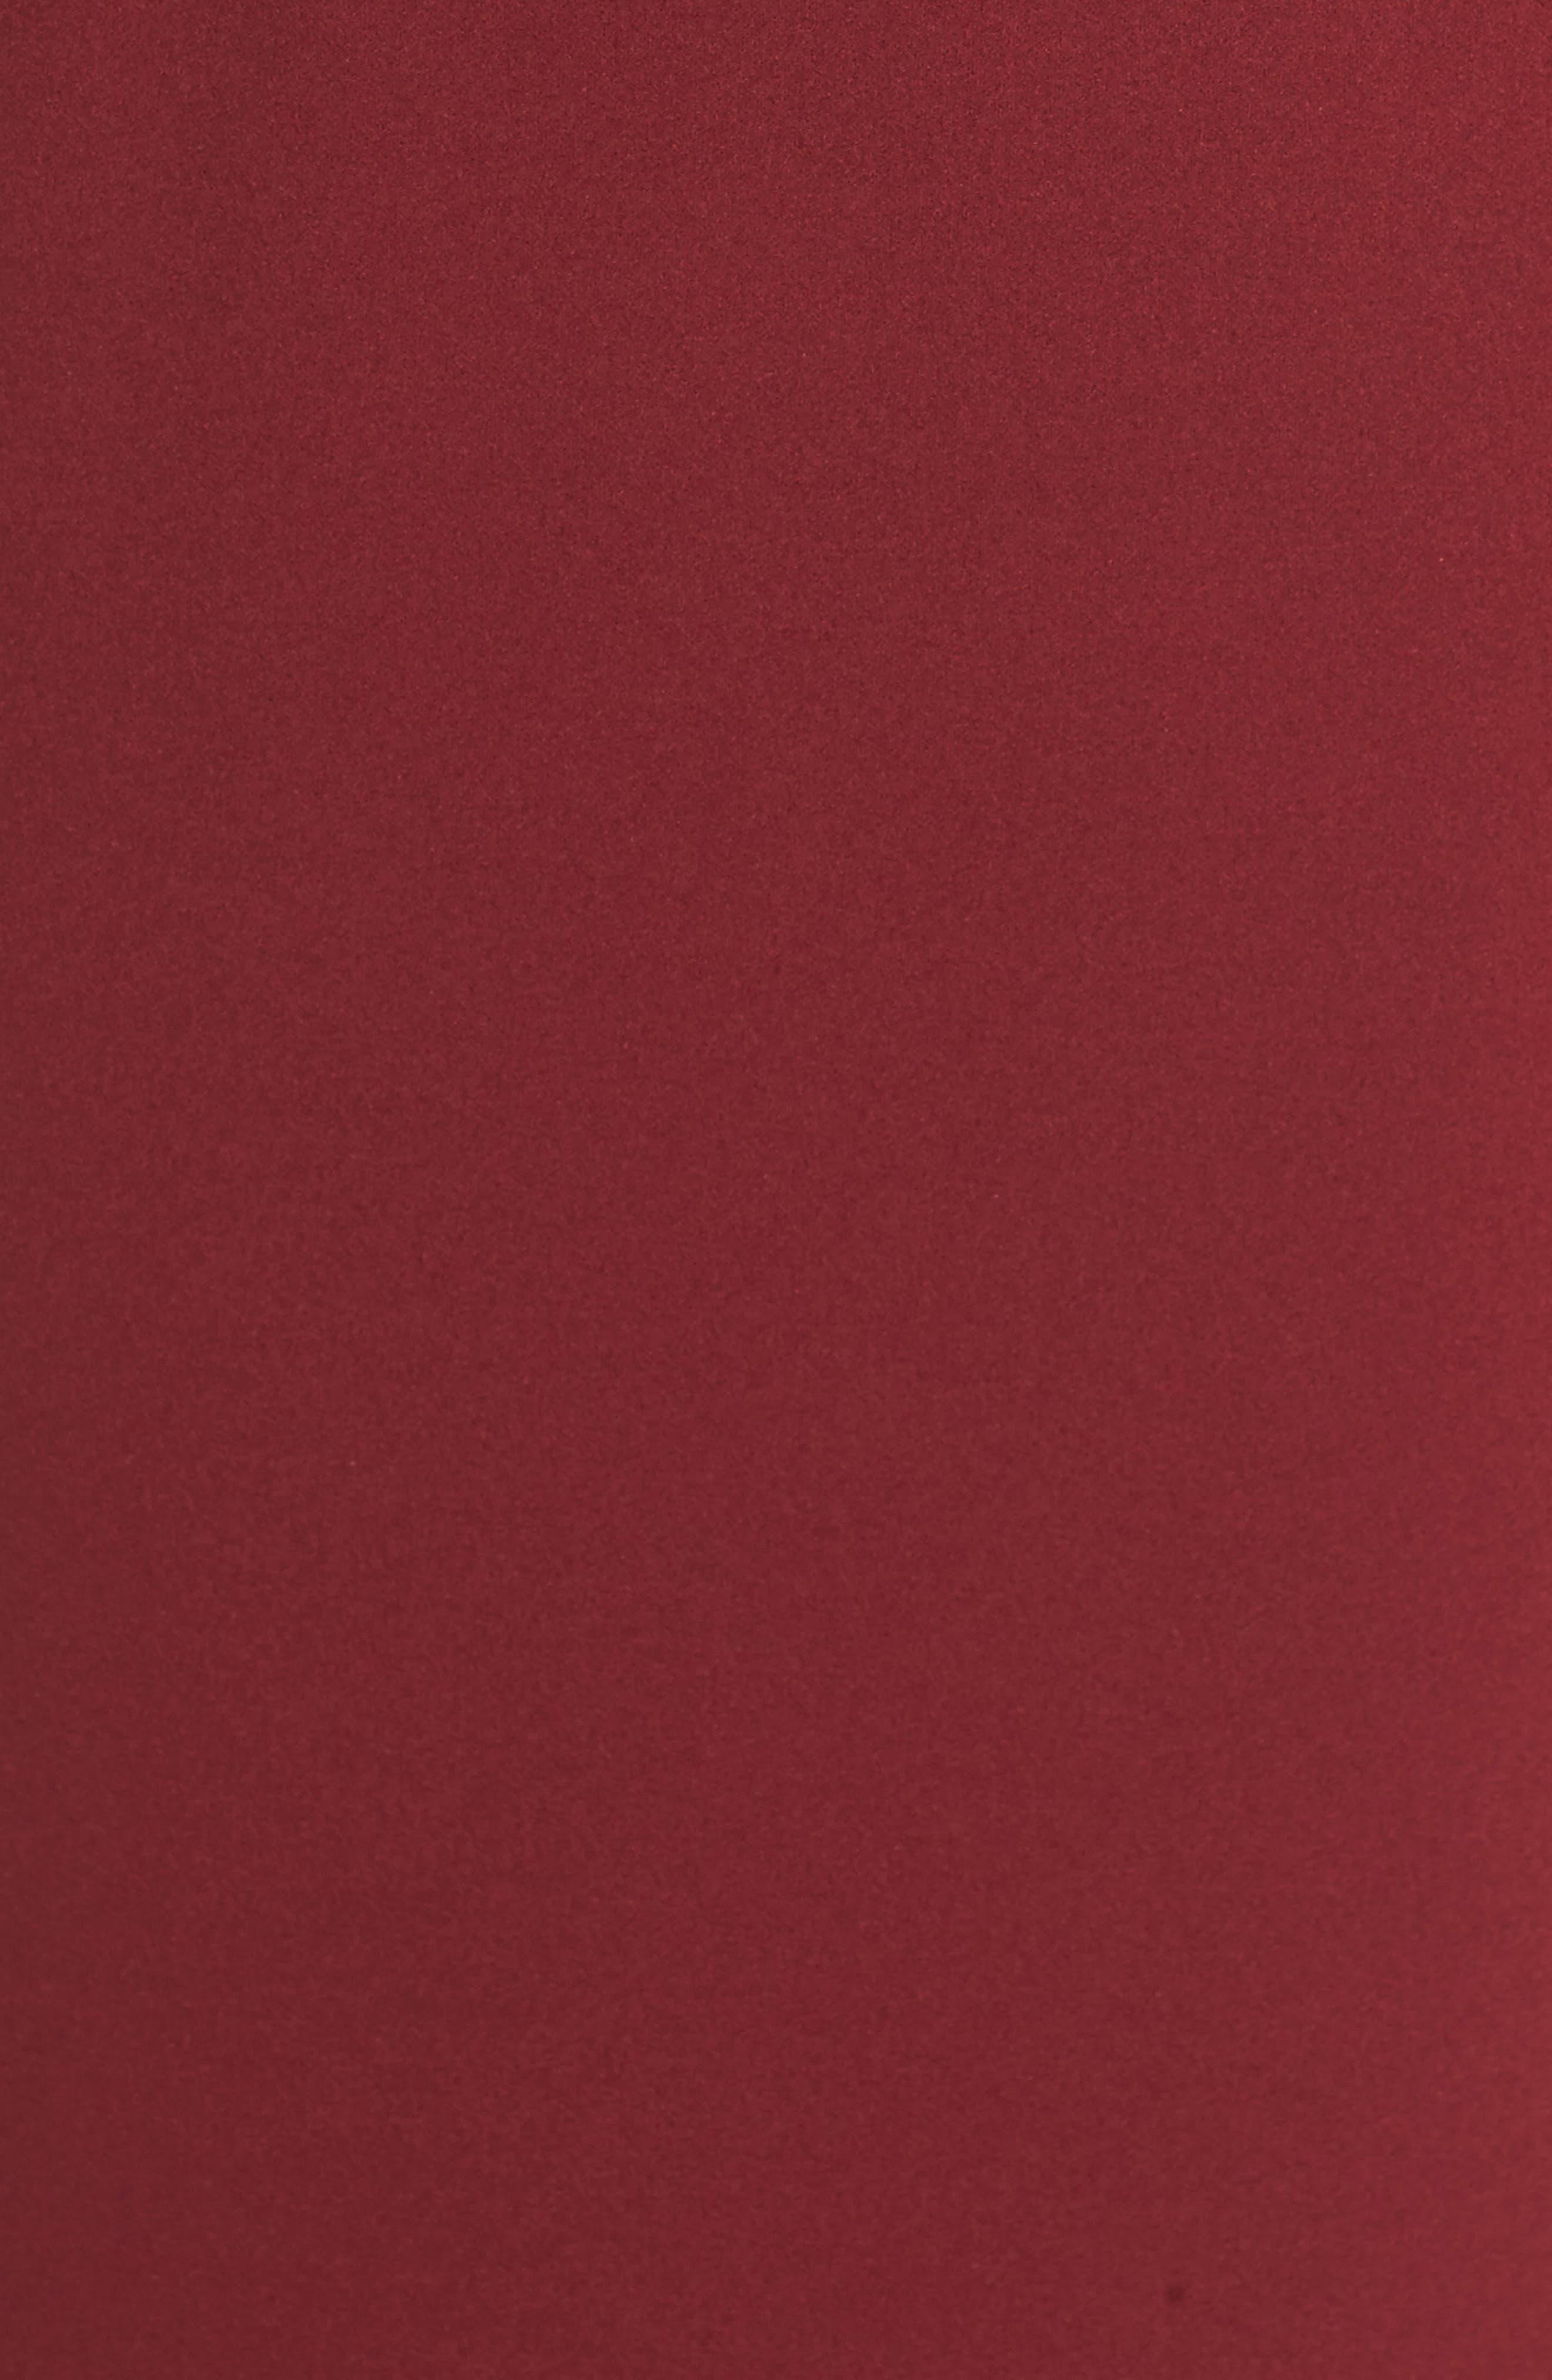 Vionnet Drape Back Crepe Gown,                             Alternate thumbnail 6, color,                             BORDEAUX